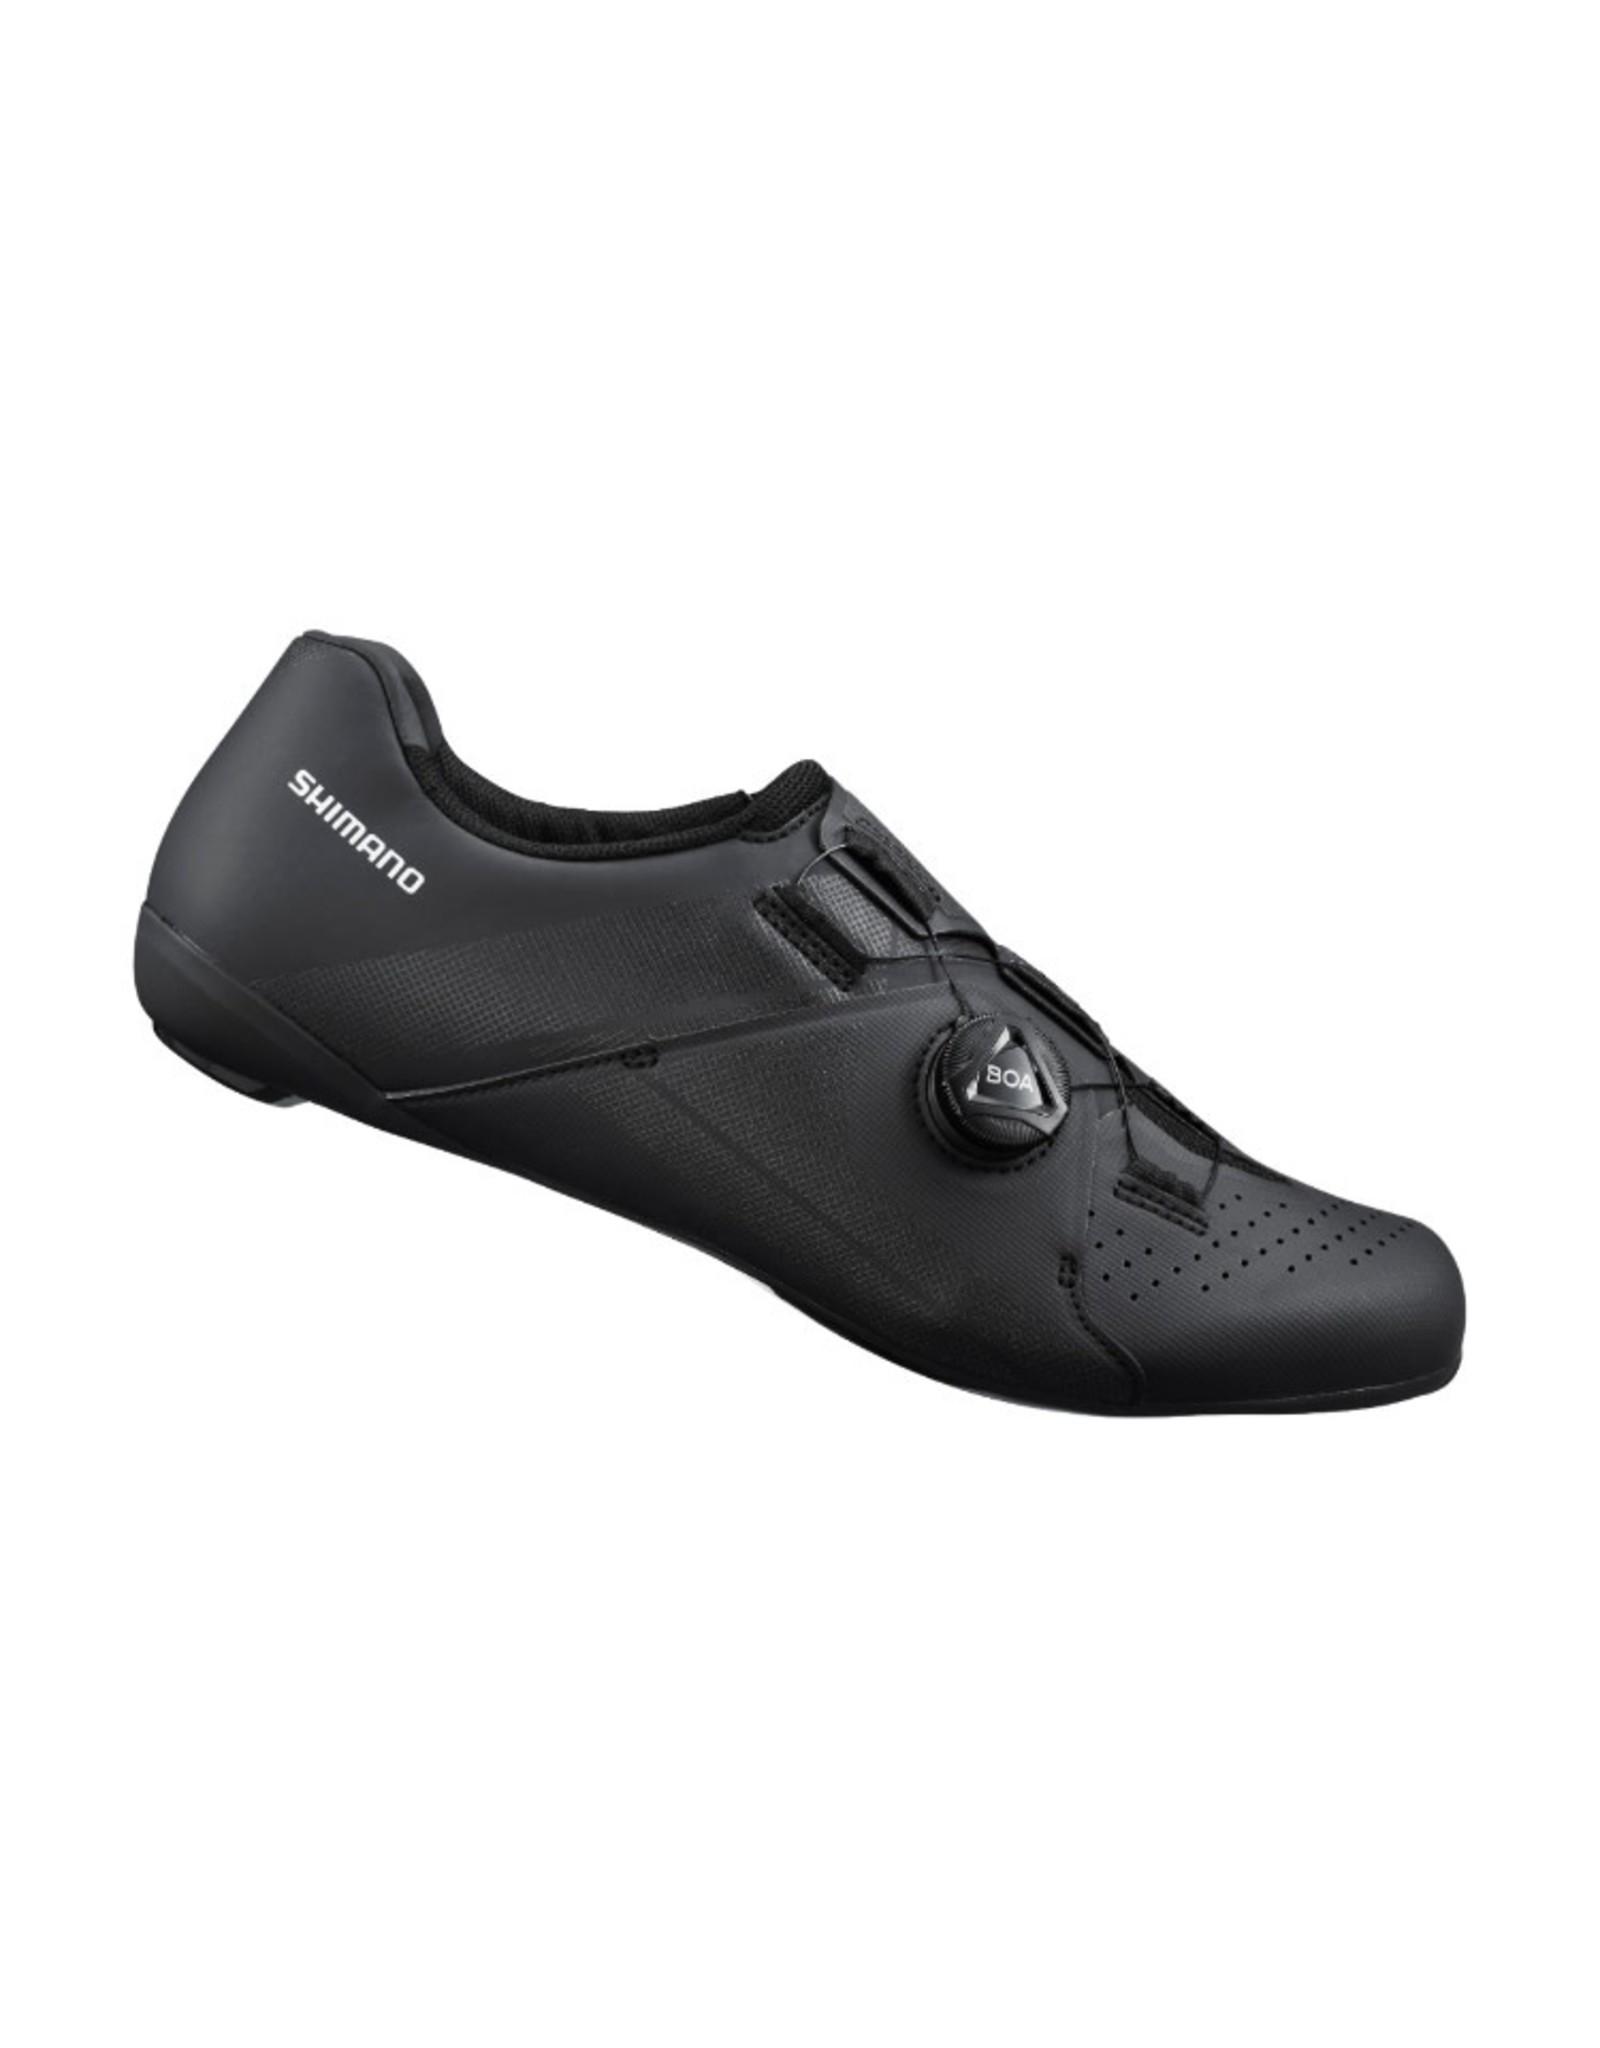 SHIMANO SH-RC300 Road Shoe Men's